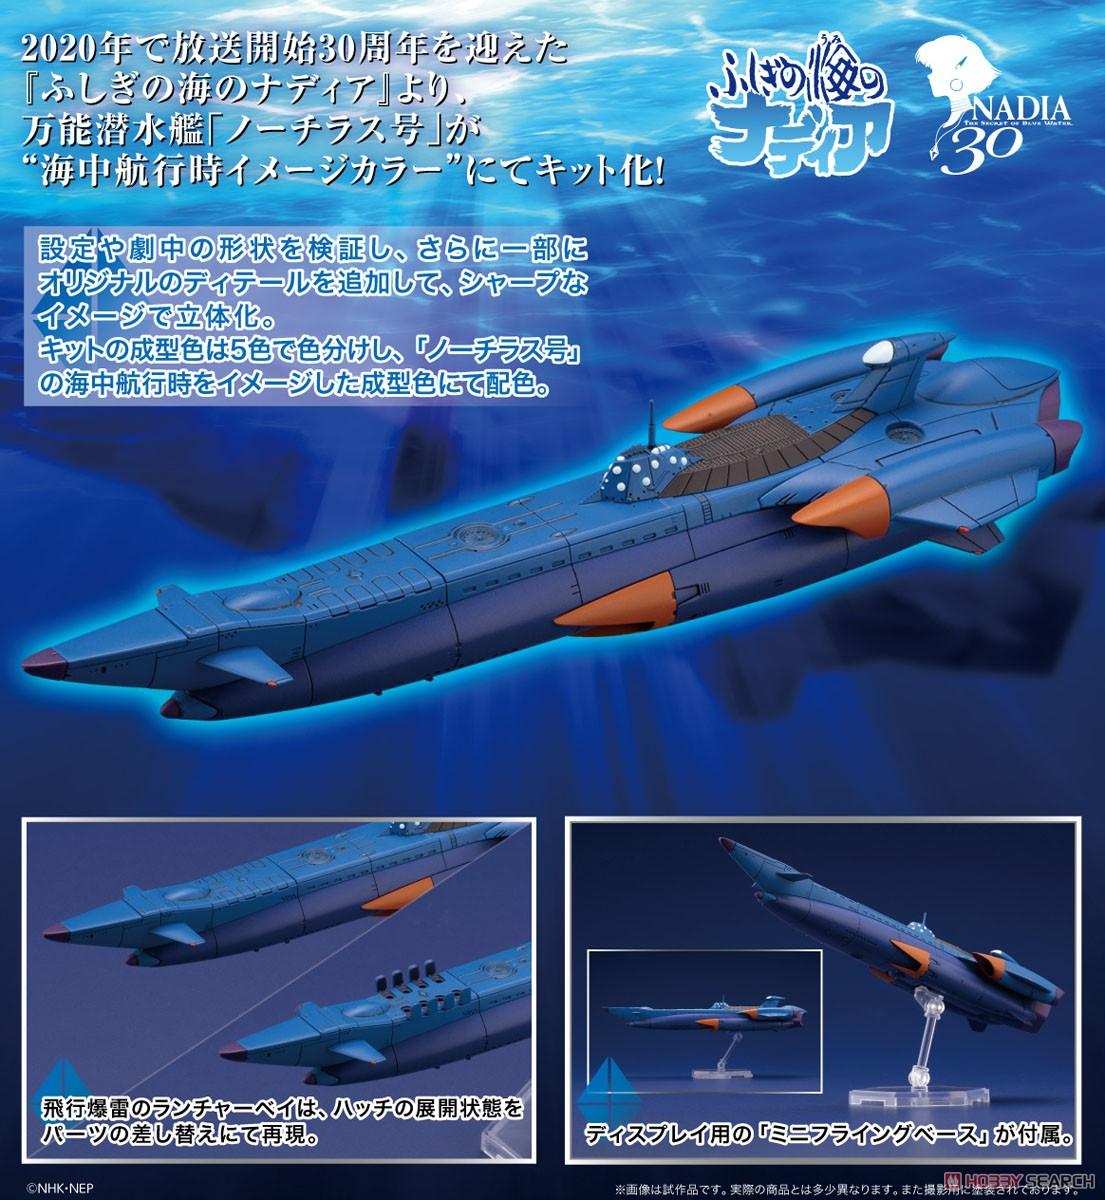 ふしぎの海のナディア『N-ノーチラス号 with ノーチラス号 DXセット』1/1000 プラモデル-035